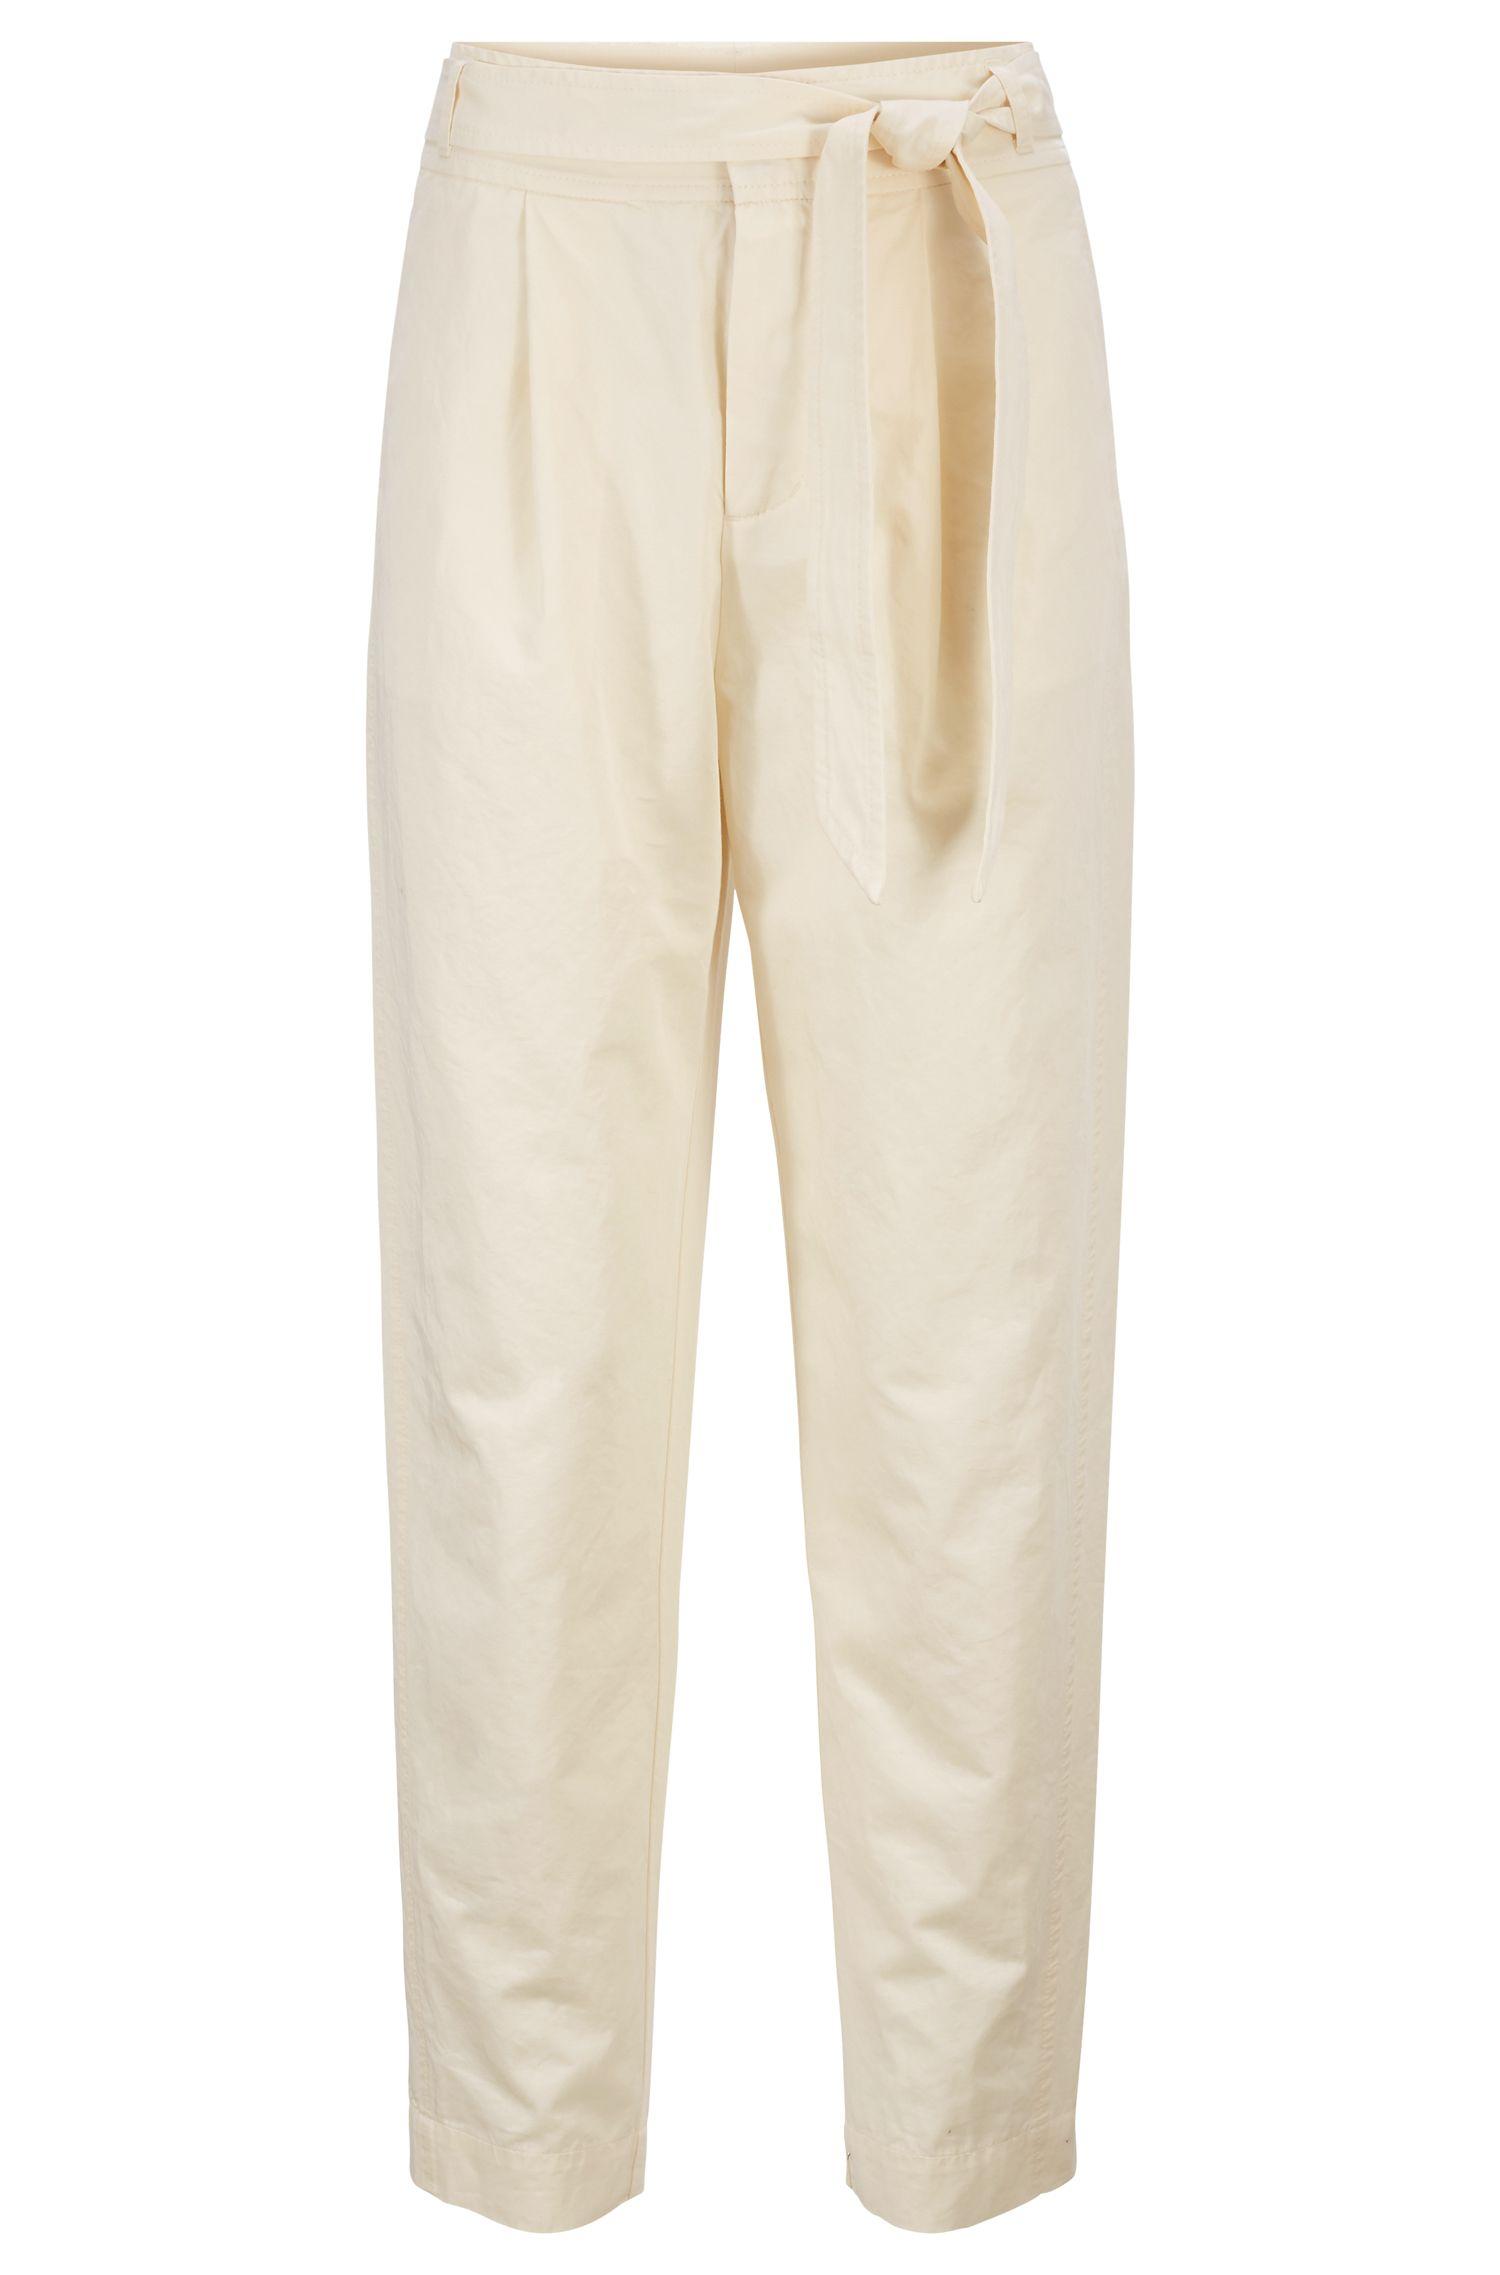 Pantalon court en coton et lin, avec ceinture à la taille, Chair